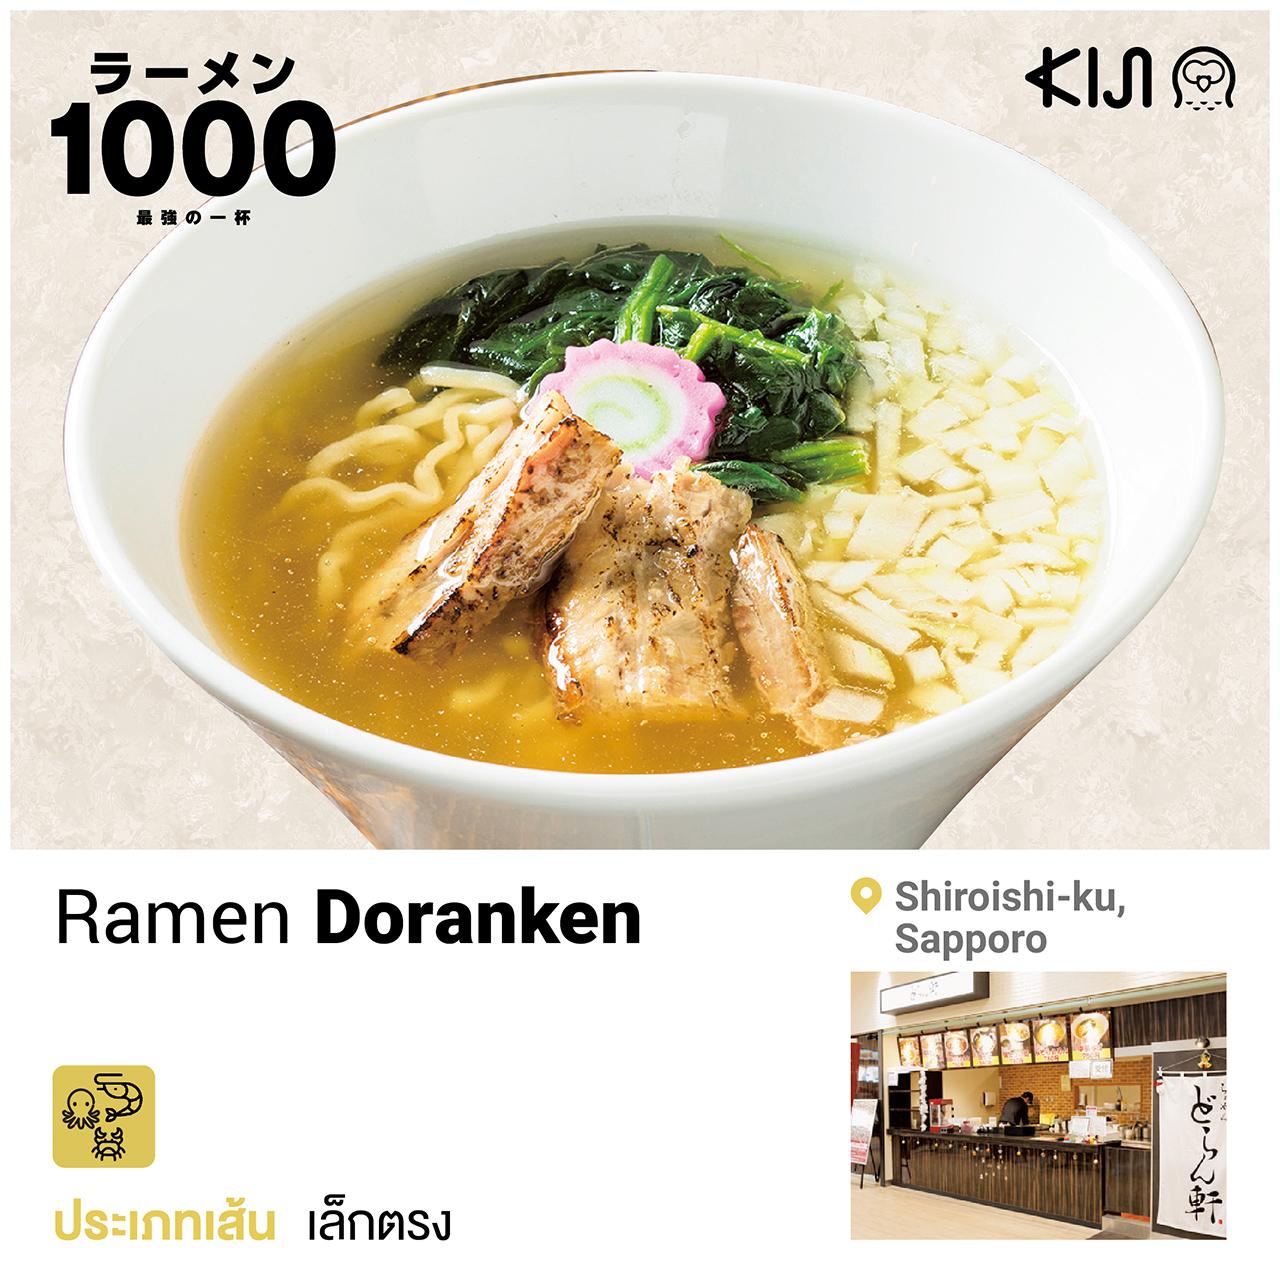 ร้านราเมนในฮอกไกโด - Ramen Doranken